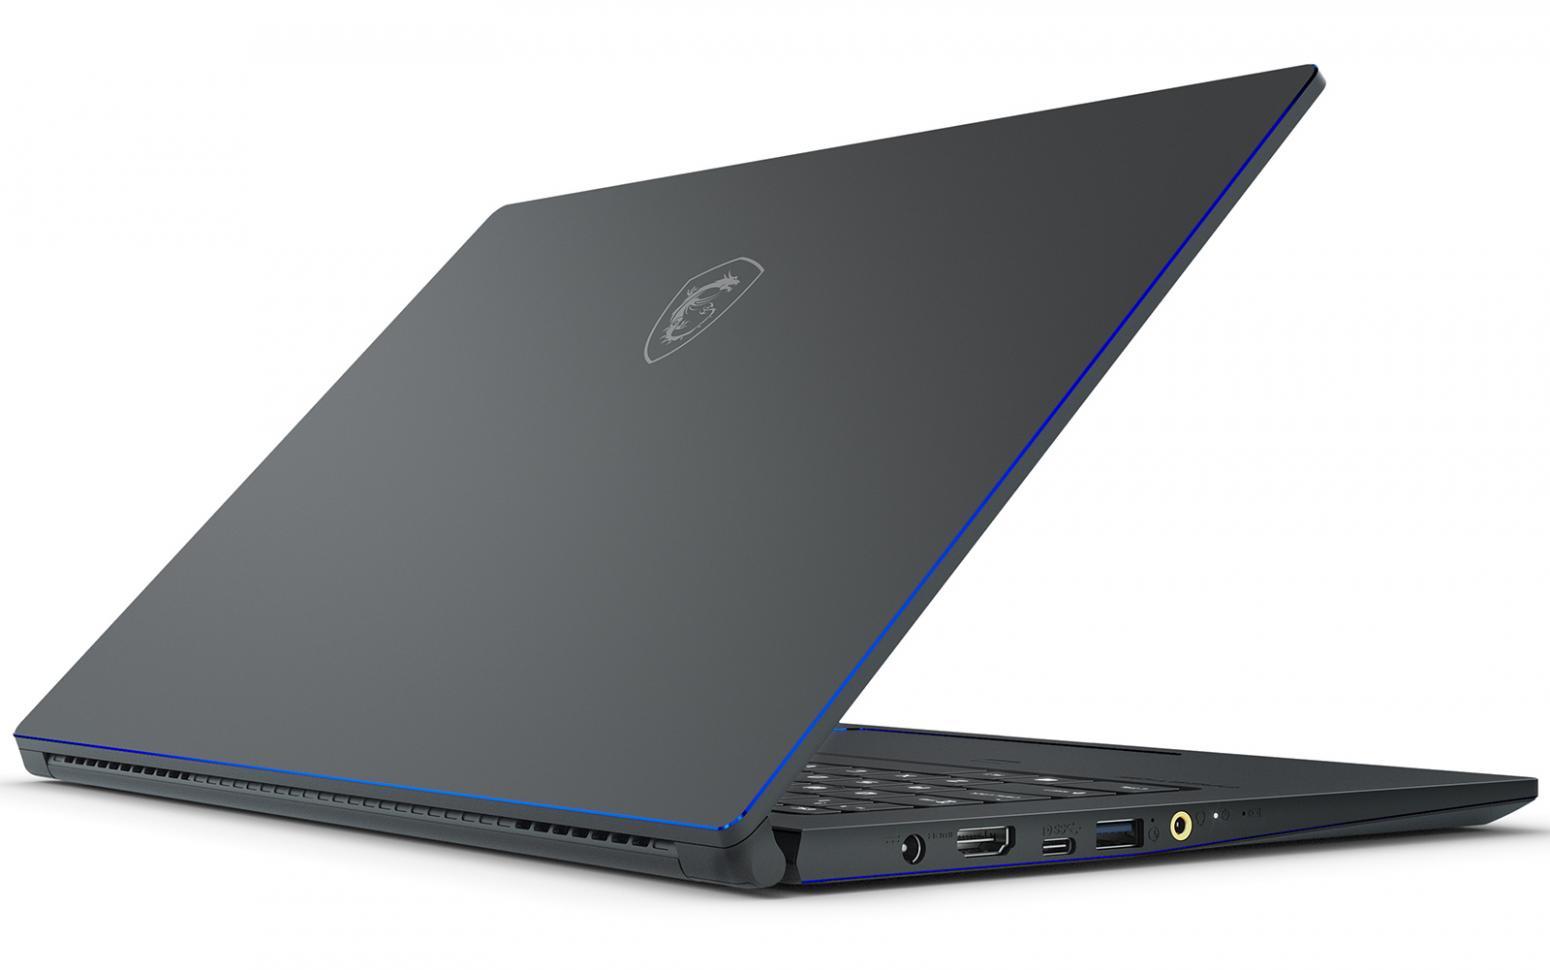 Ordinateur portable MSI PS63 8RDS-202FR Modern Gris Bleu - GTX 1050 Ti Max-Q - photo 4